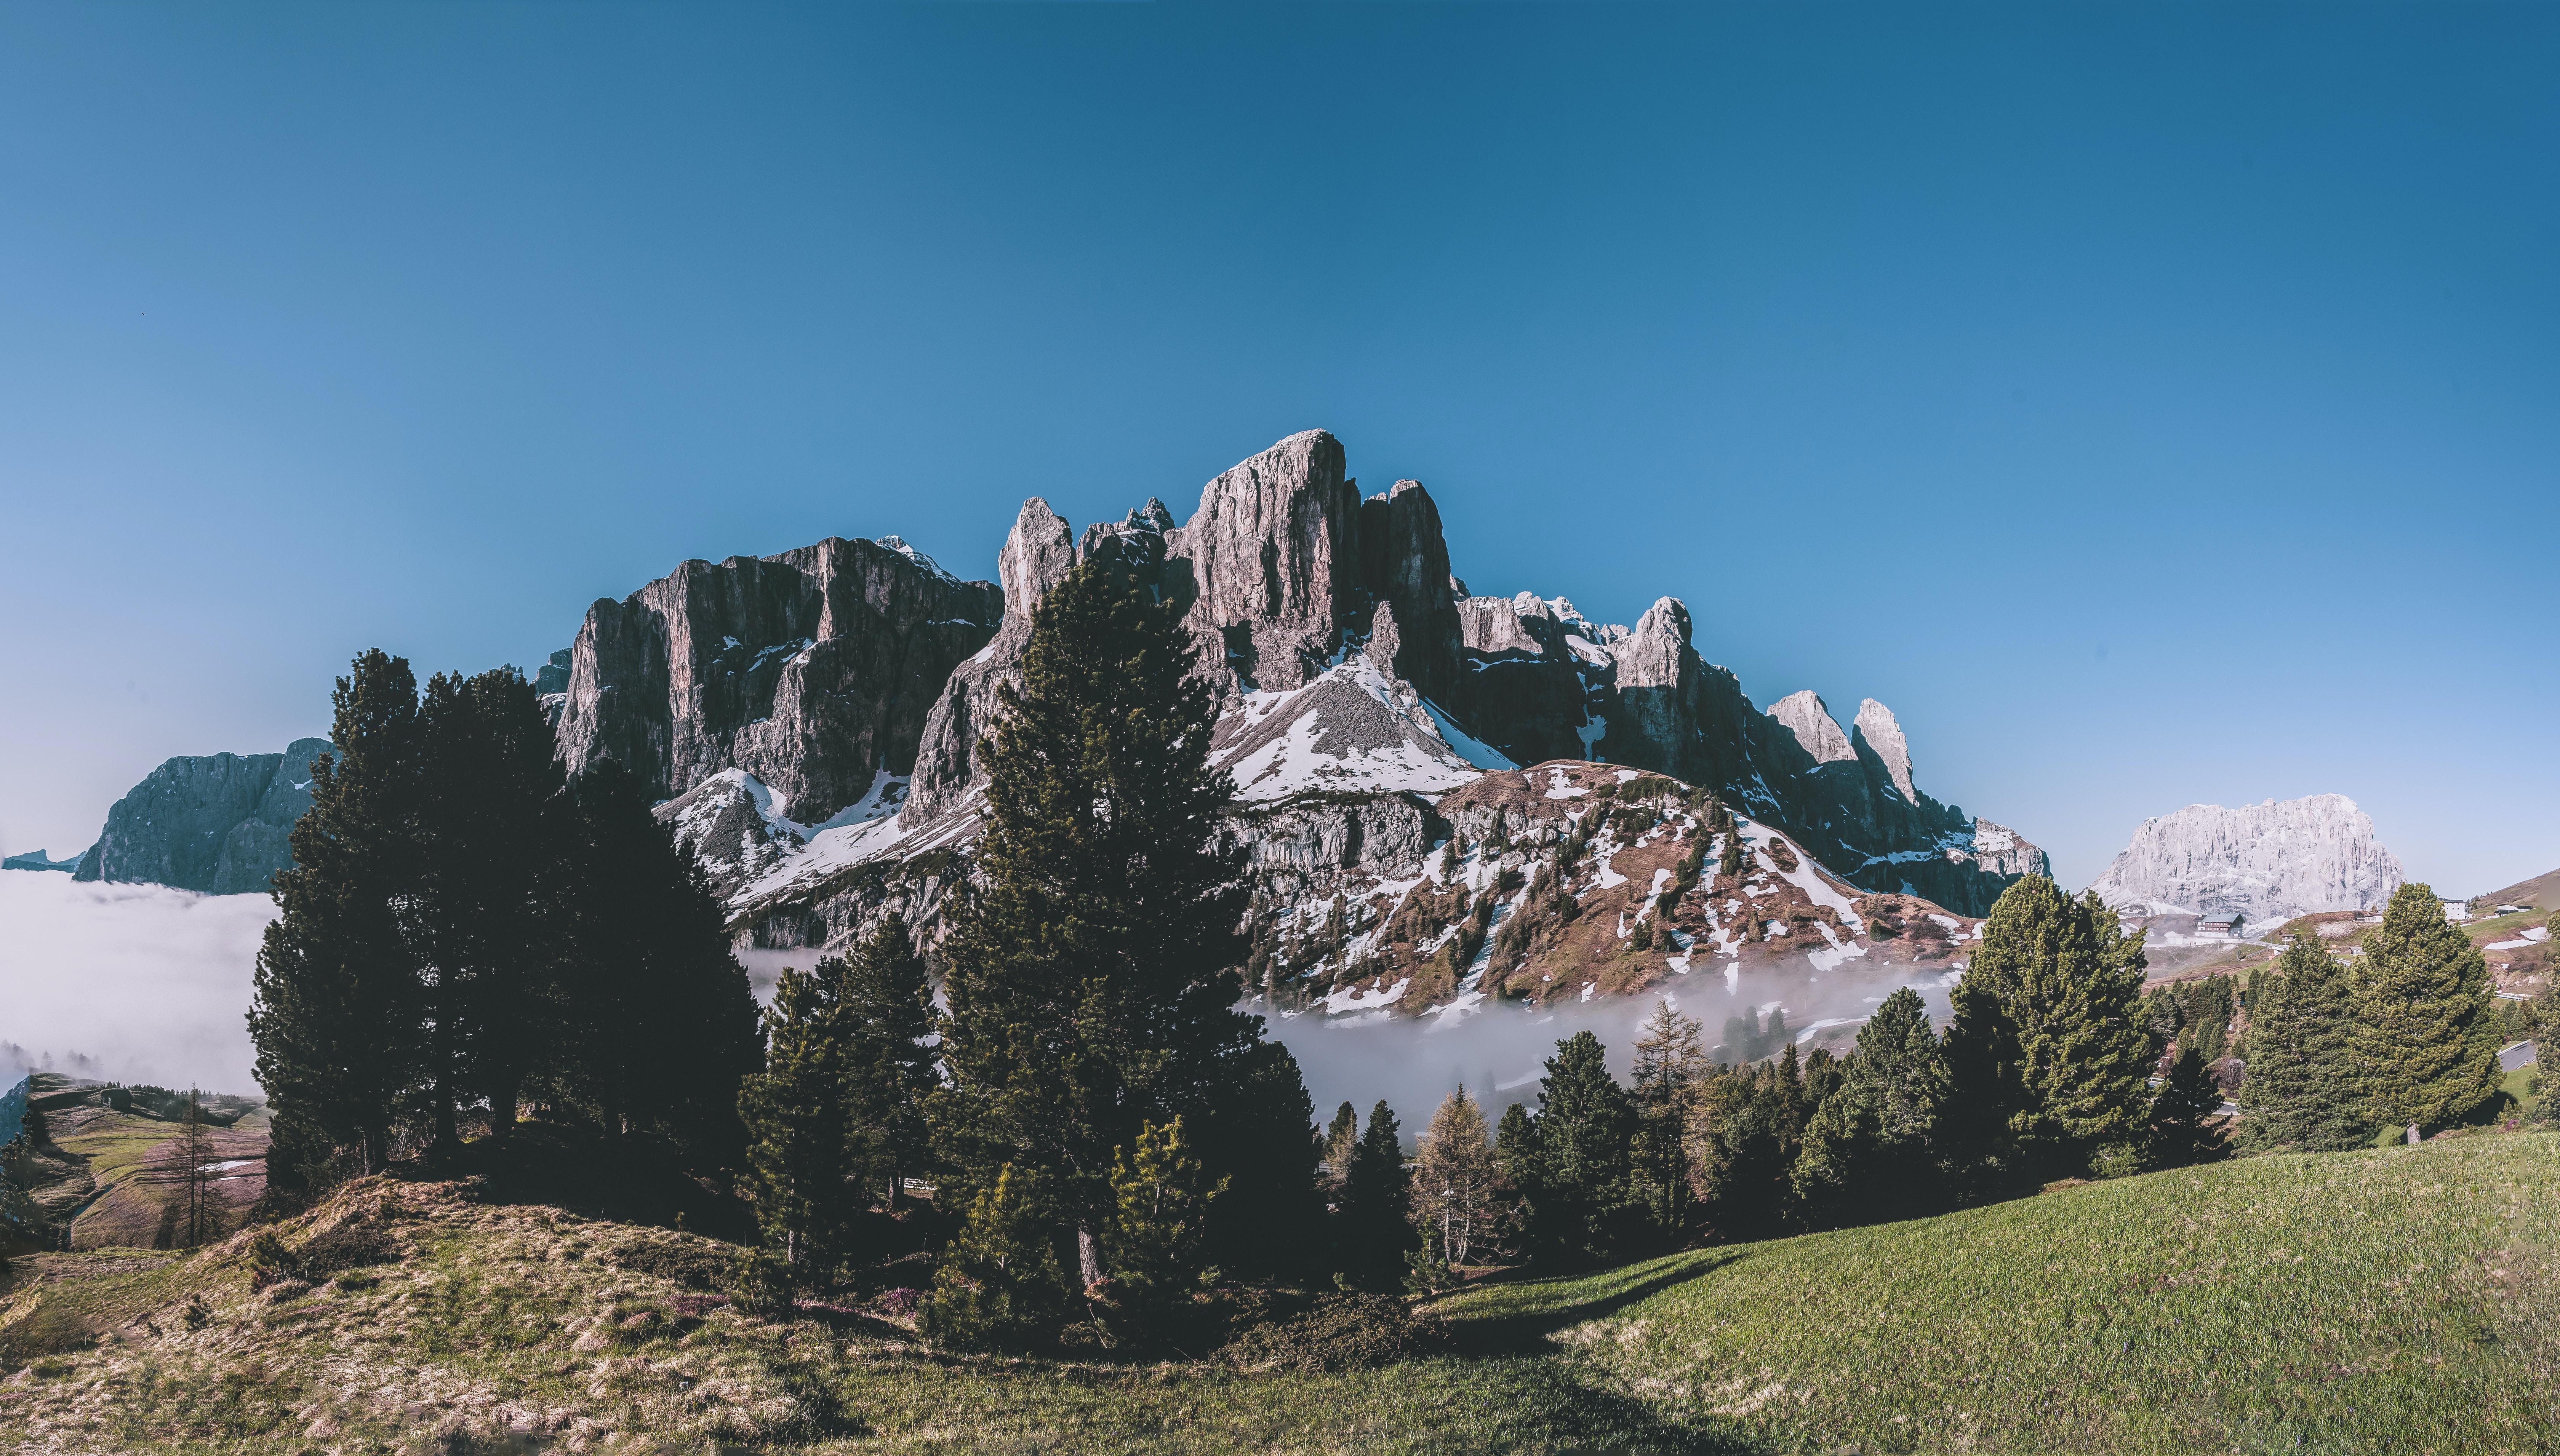 photo of mountain near trees